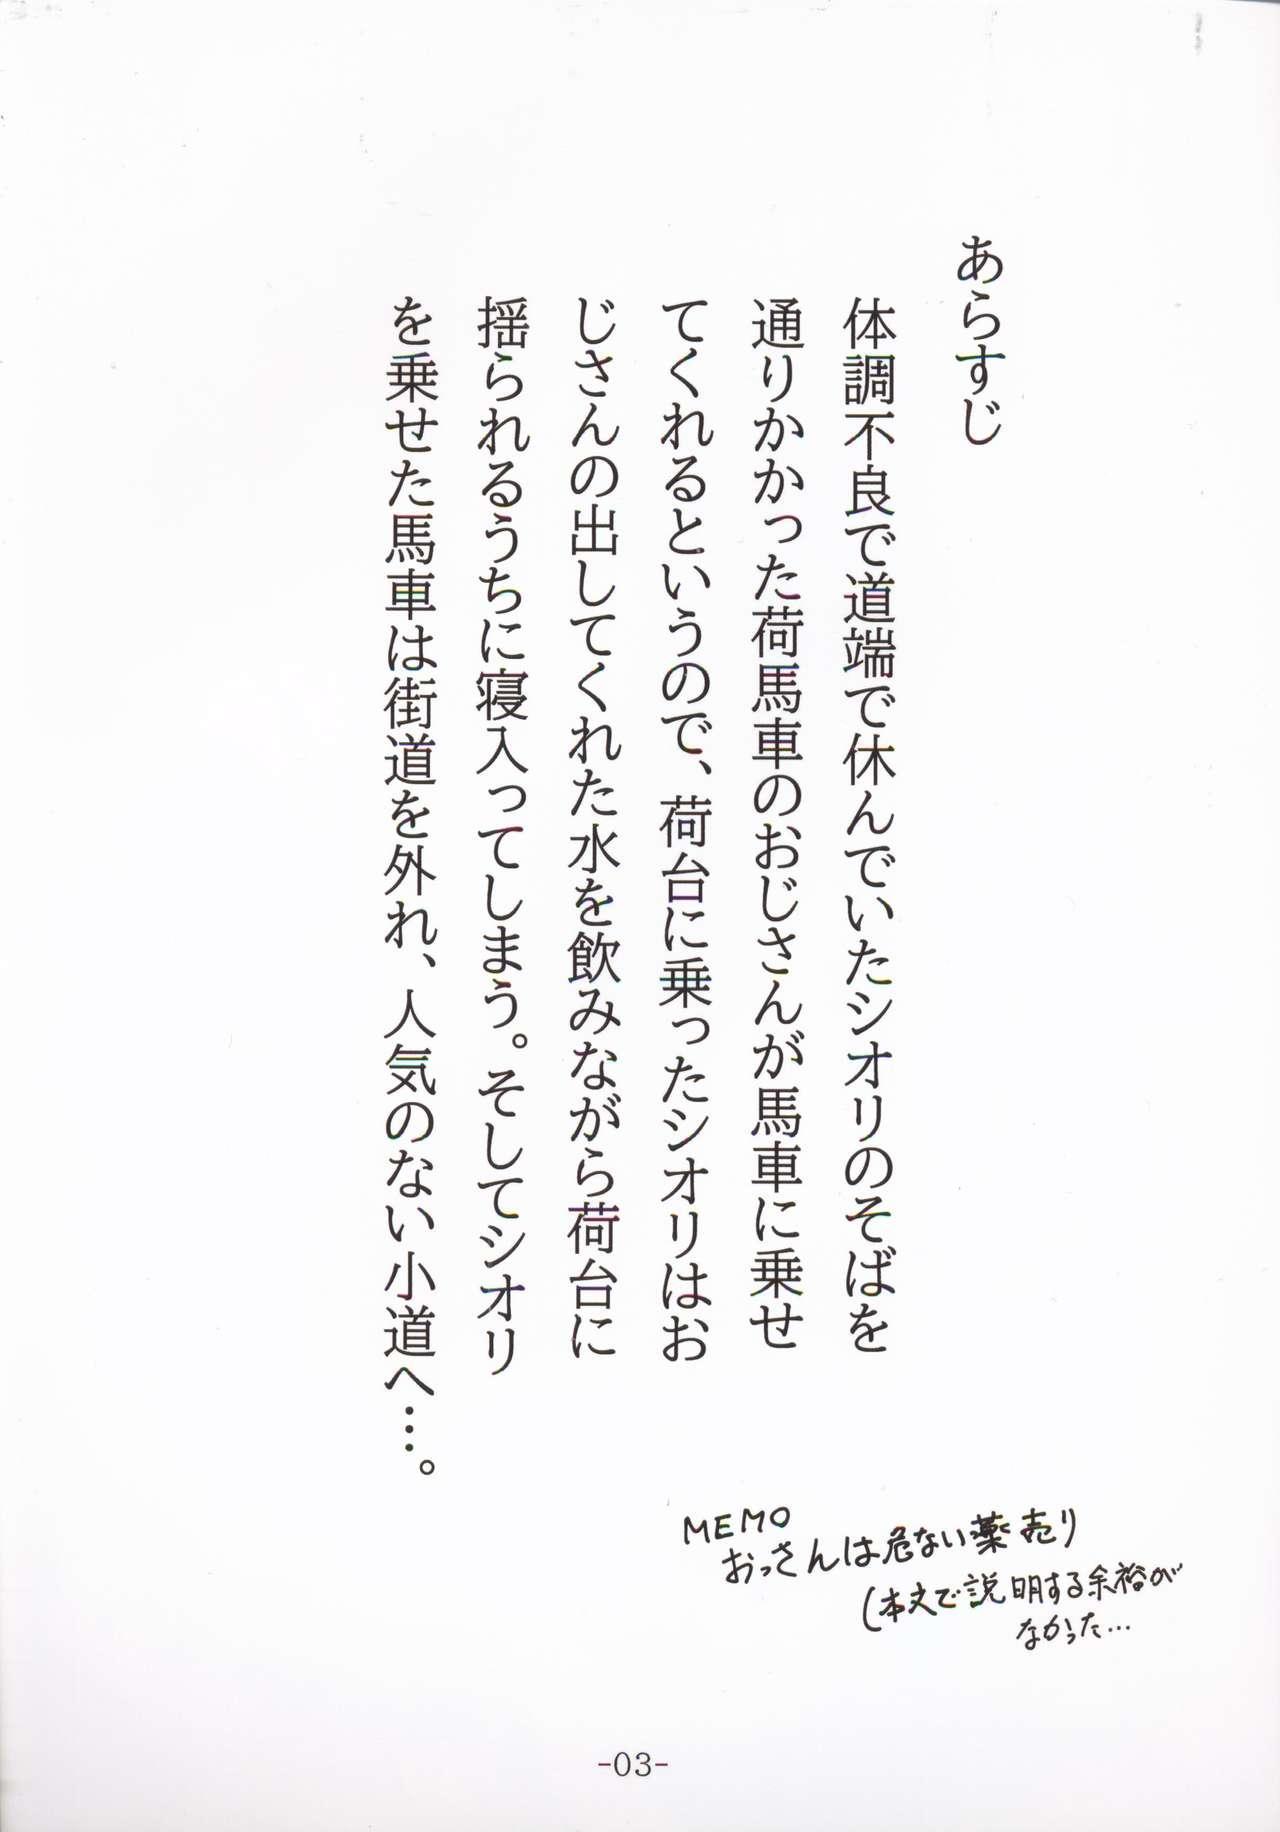 Machi ni Dekaketa Shiori ga Kaette Konai 2